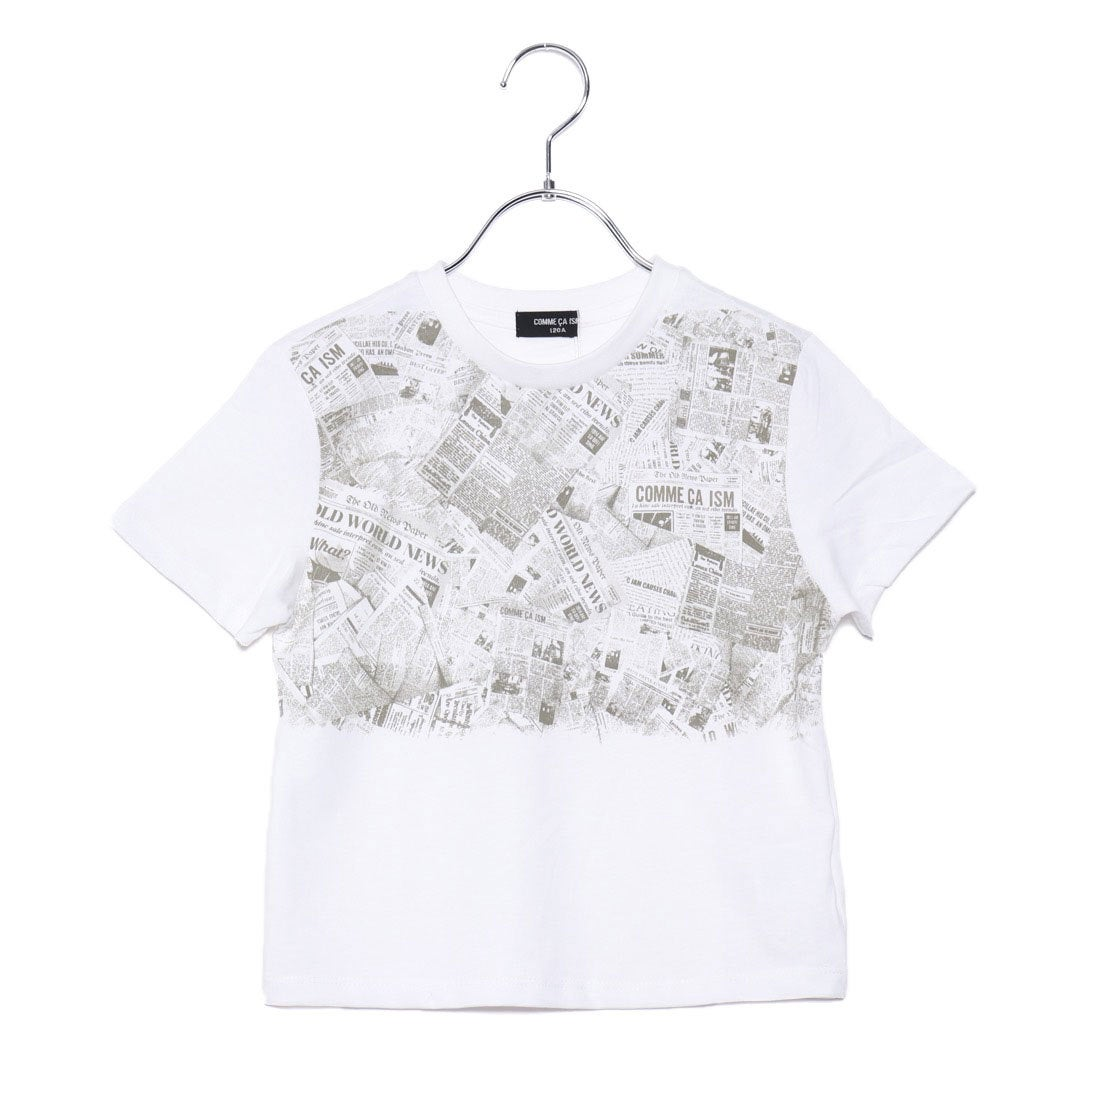 ea0ba6eefd7e1 コムサイズム COMME CA ISM ニュースペーパー柄プリントTシャツ (ホワイト) -アウトレット通販 ロコレット (LOCOLET)